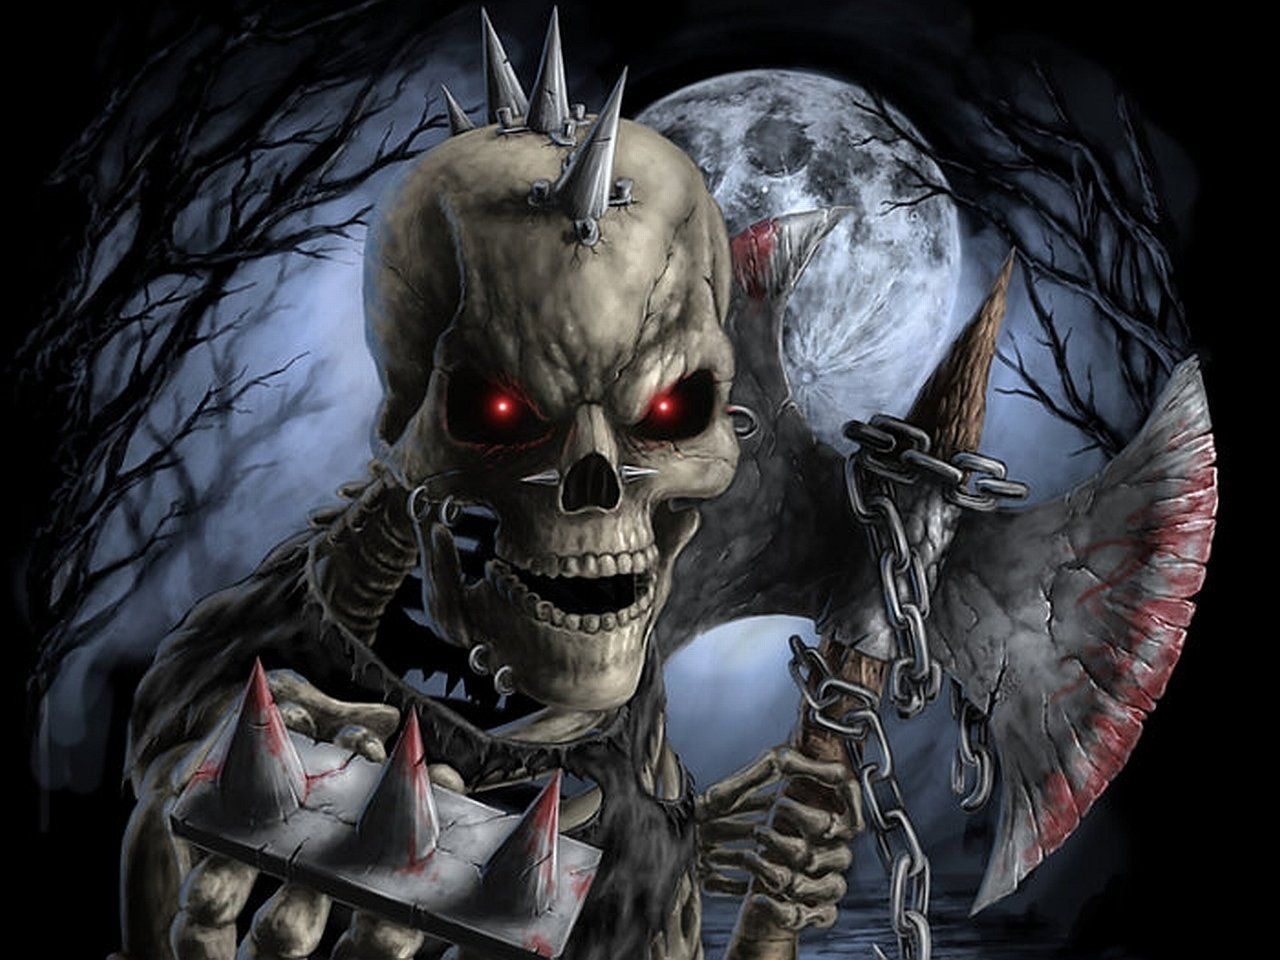 Hình nền và hình nền HD 1280x960 Skeleton